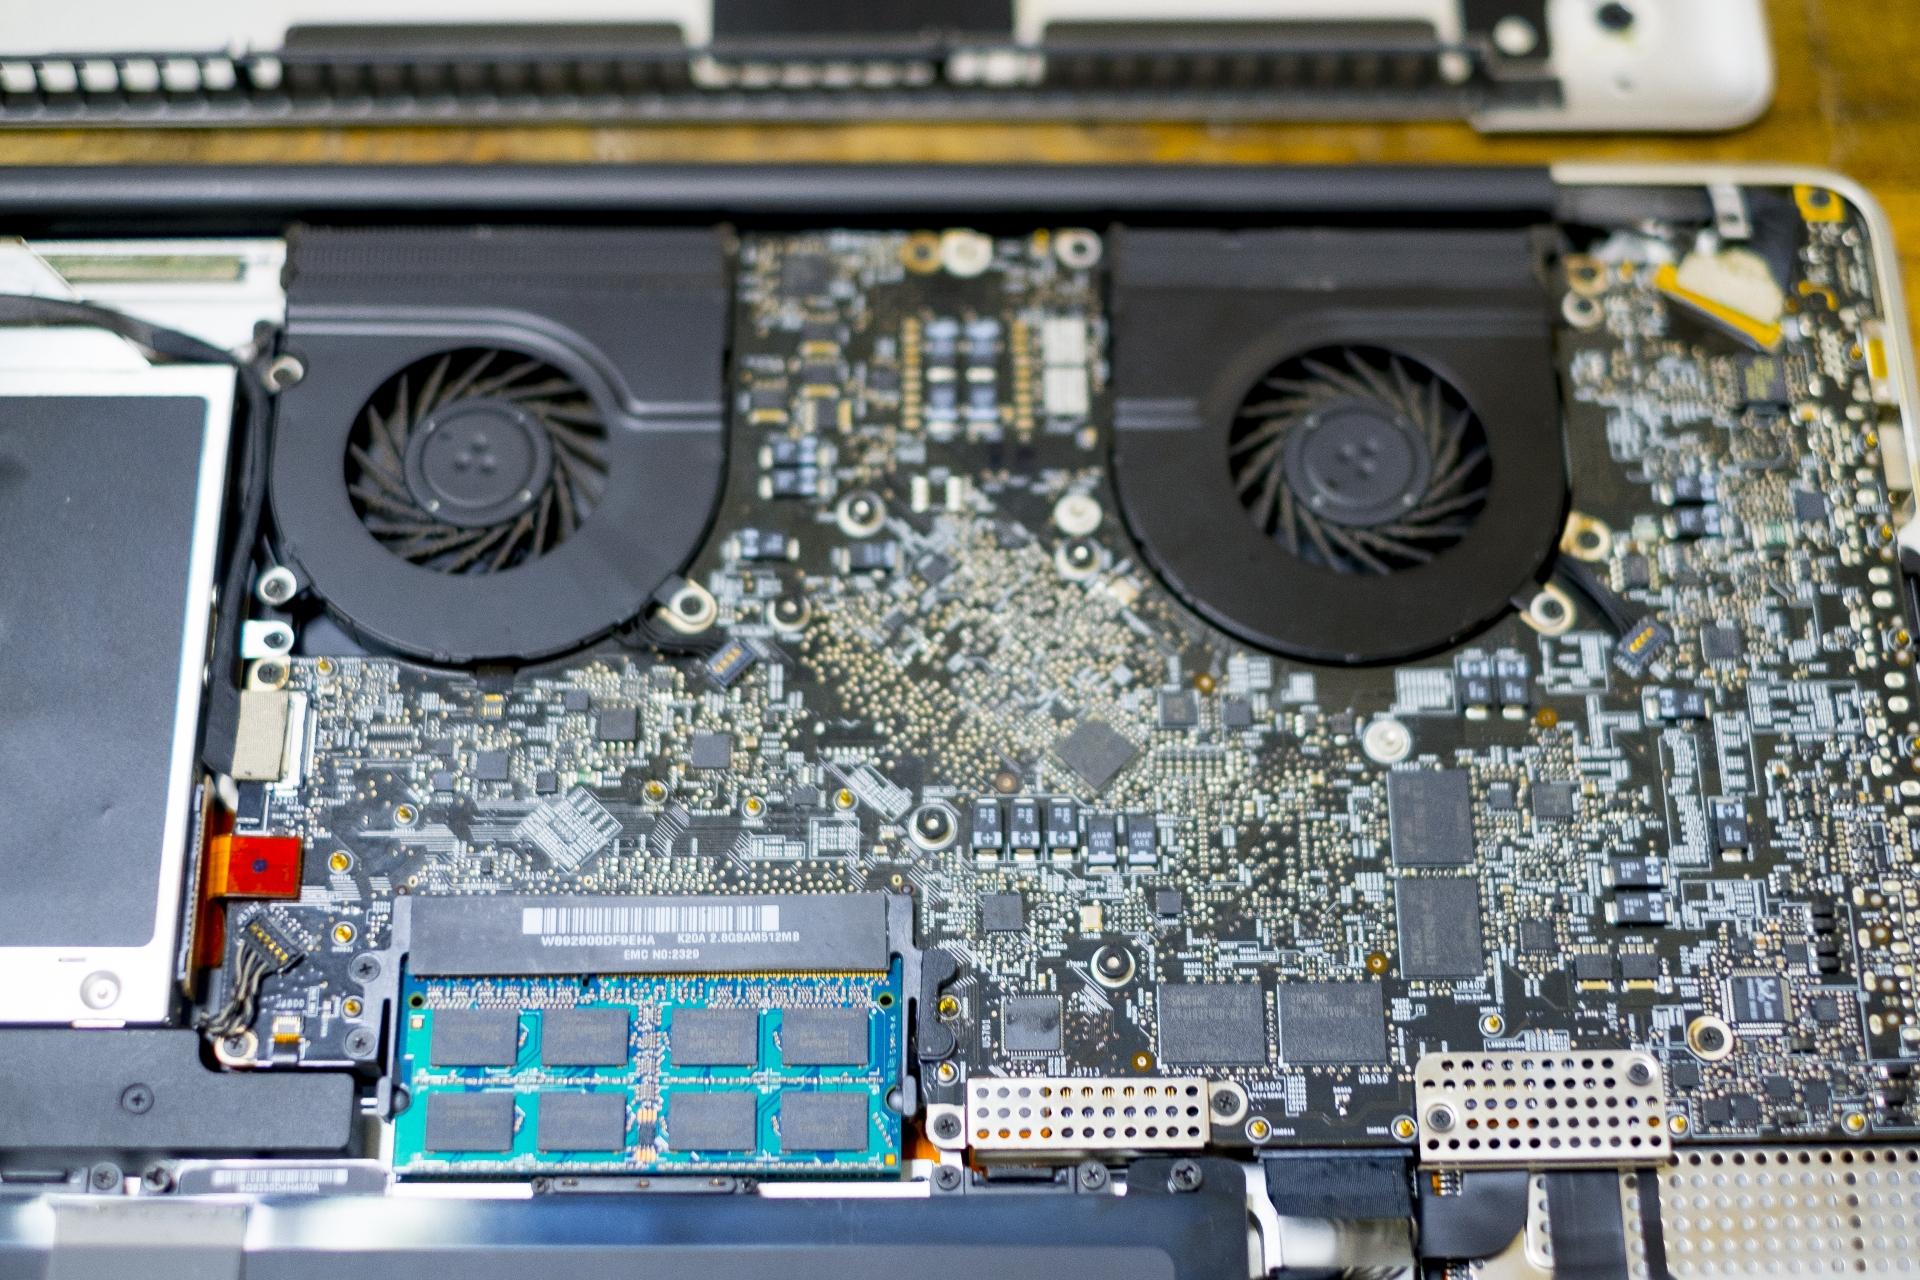 CPUの適正温度は80℃未満